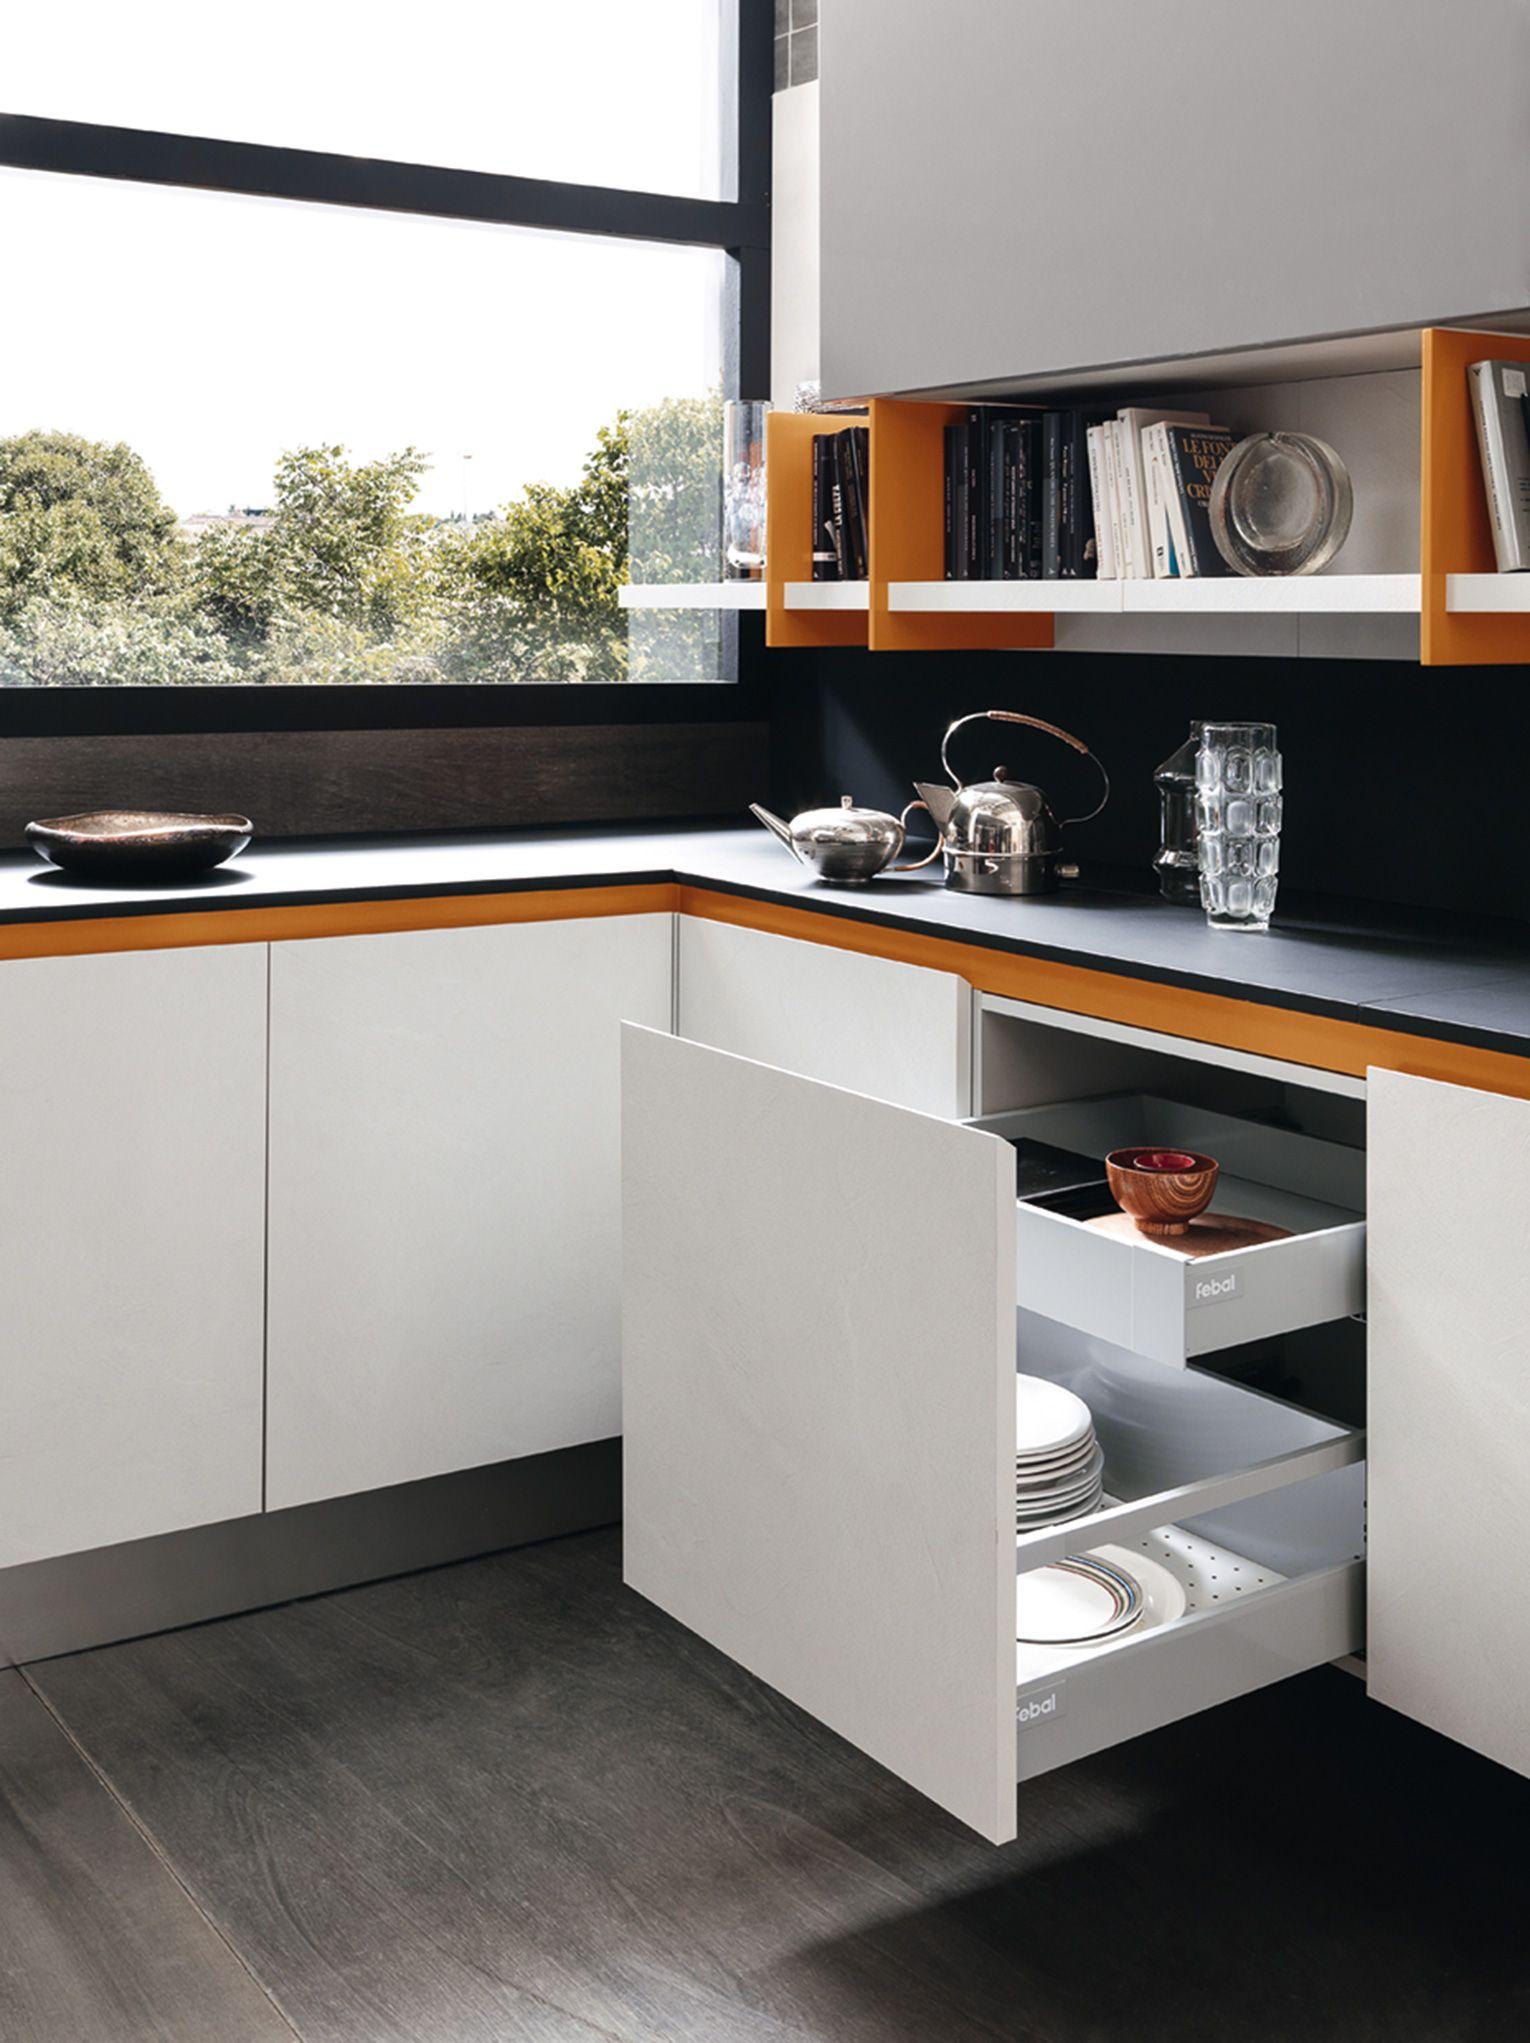 Pin De Gramar Granitosymarmoles En Cocinas Modernas Linea Charme37 Cocinas Modernas Casas Cocinas